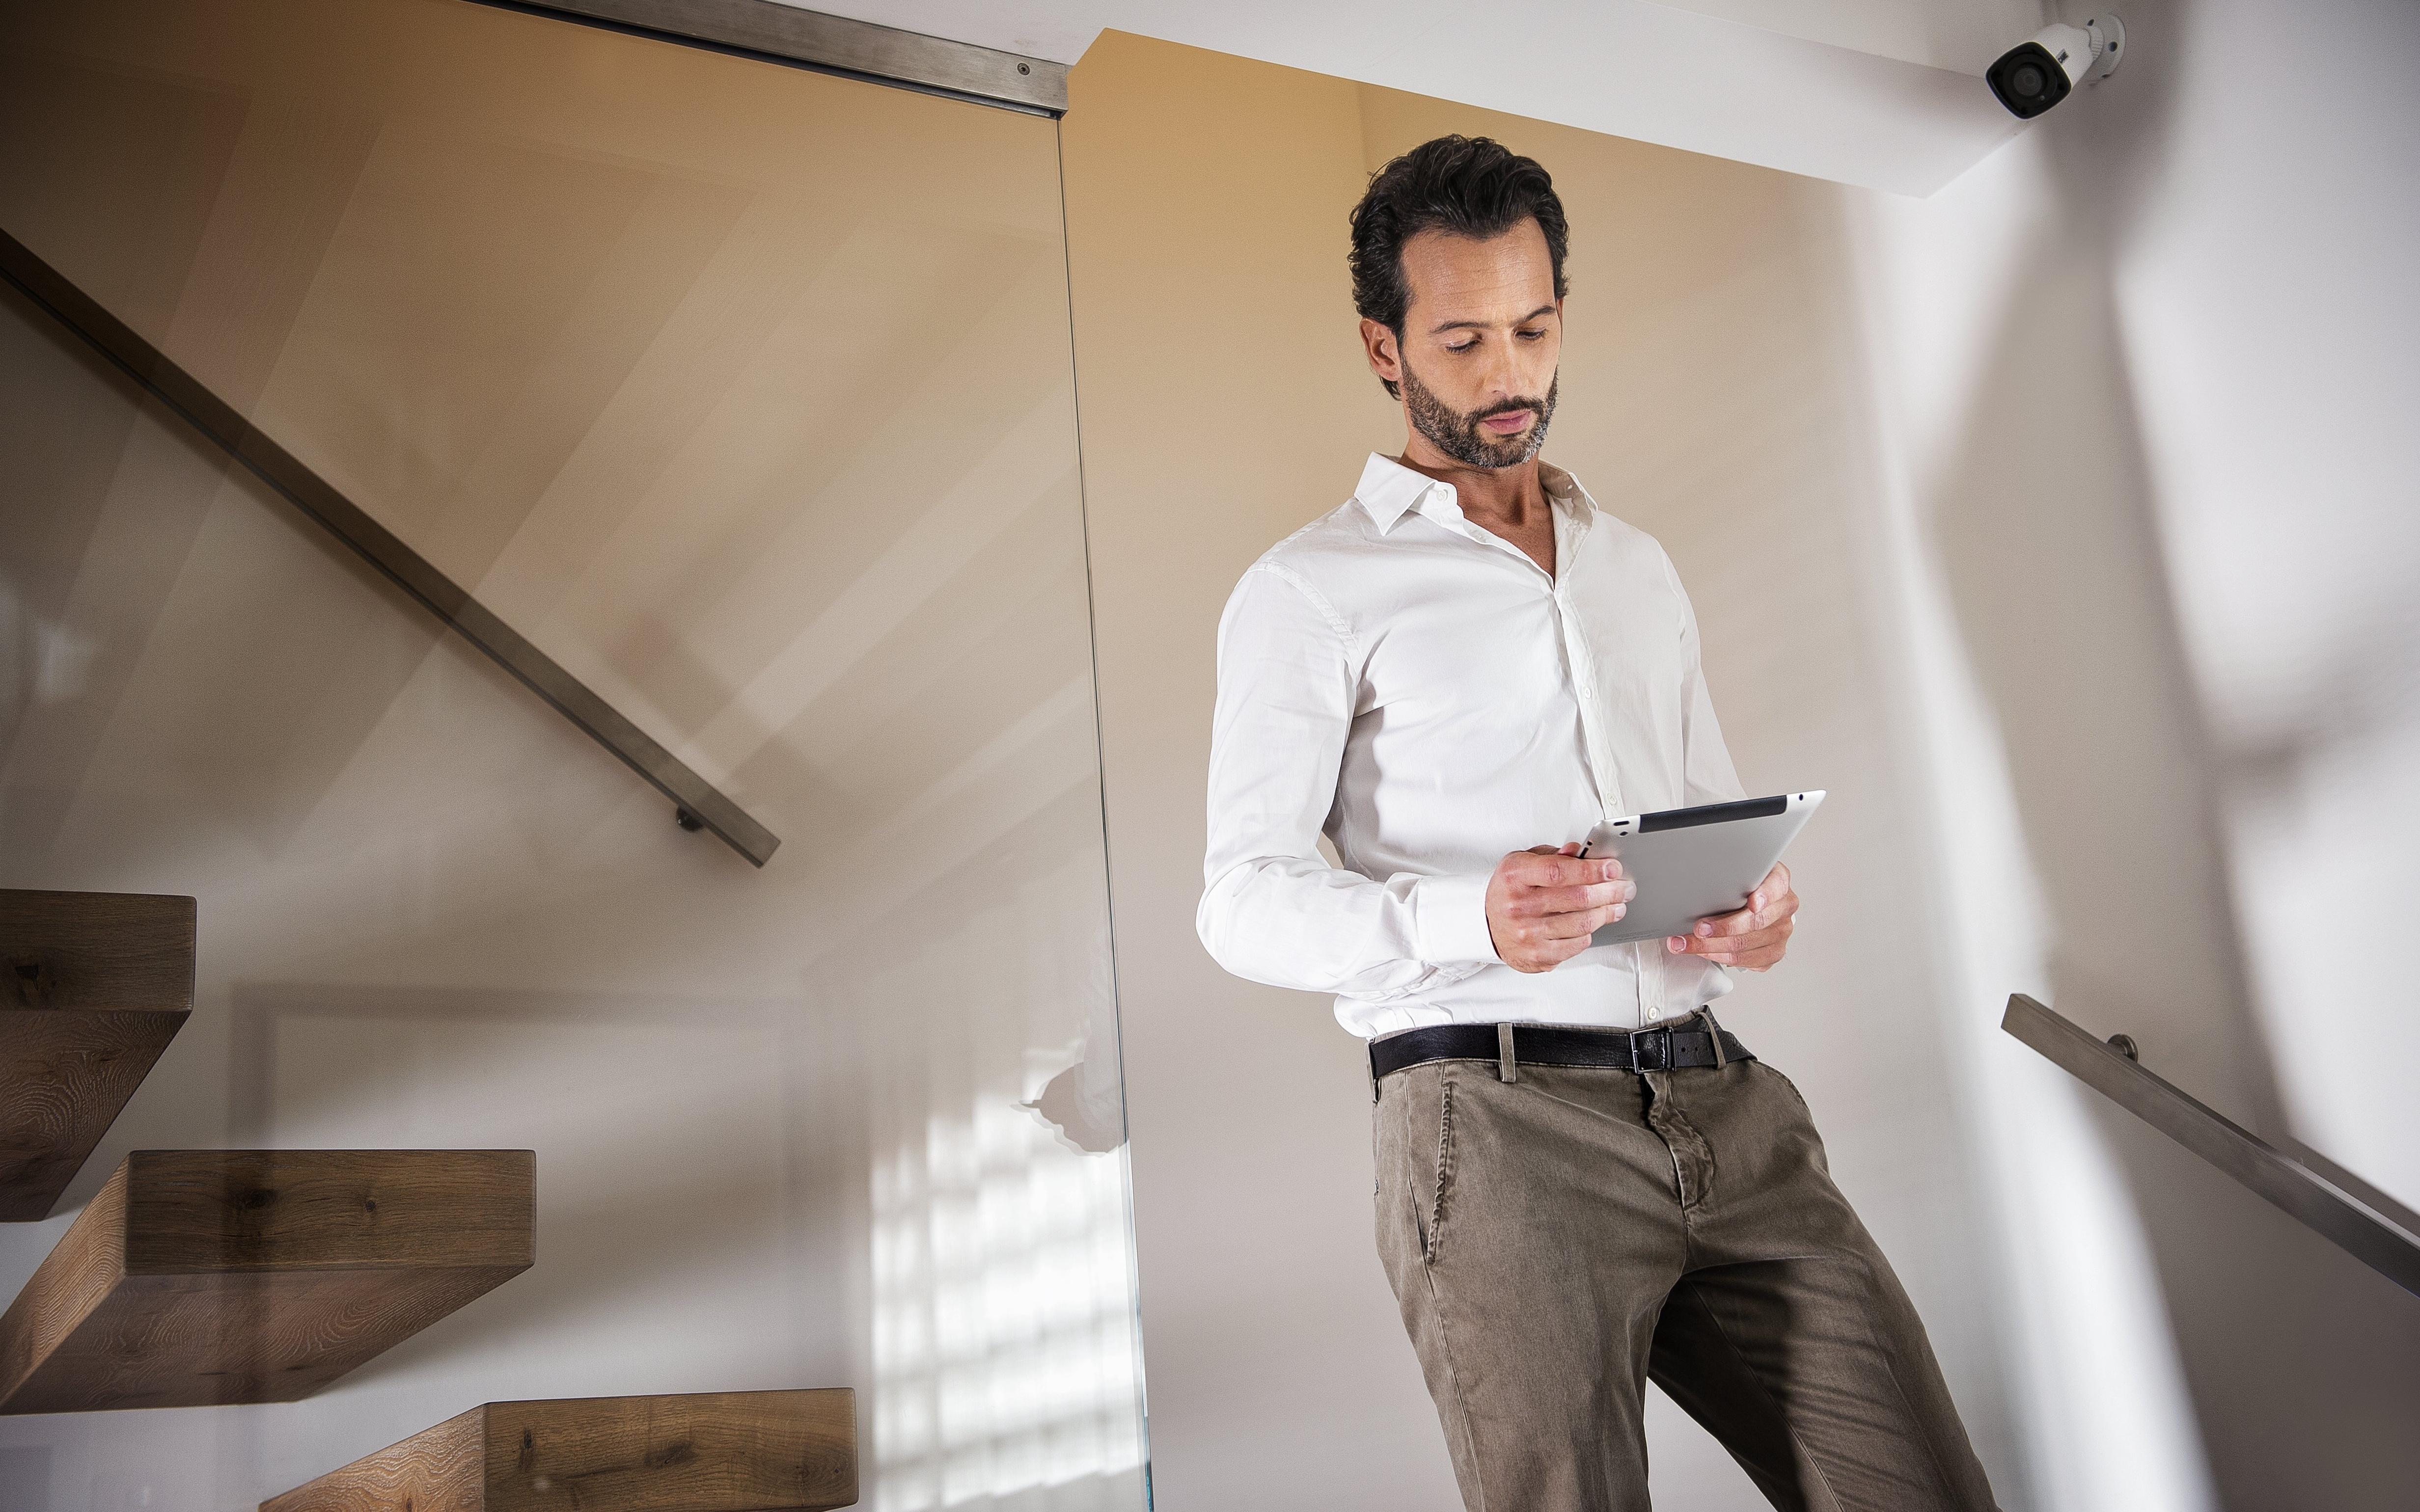 Управление домофоном с планшета